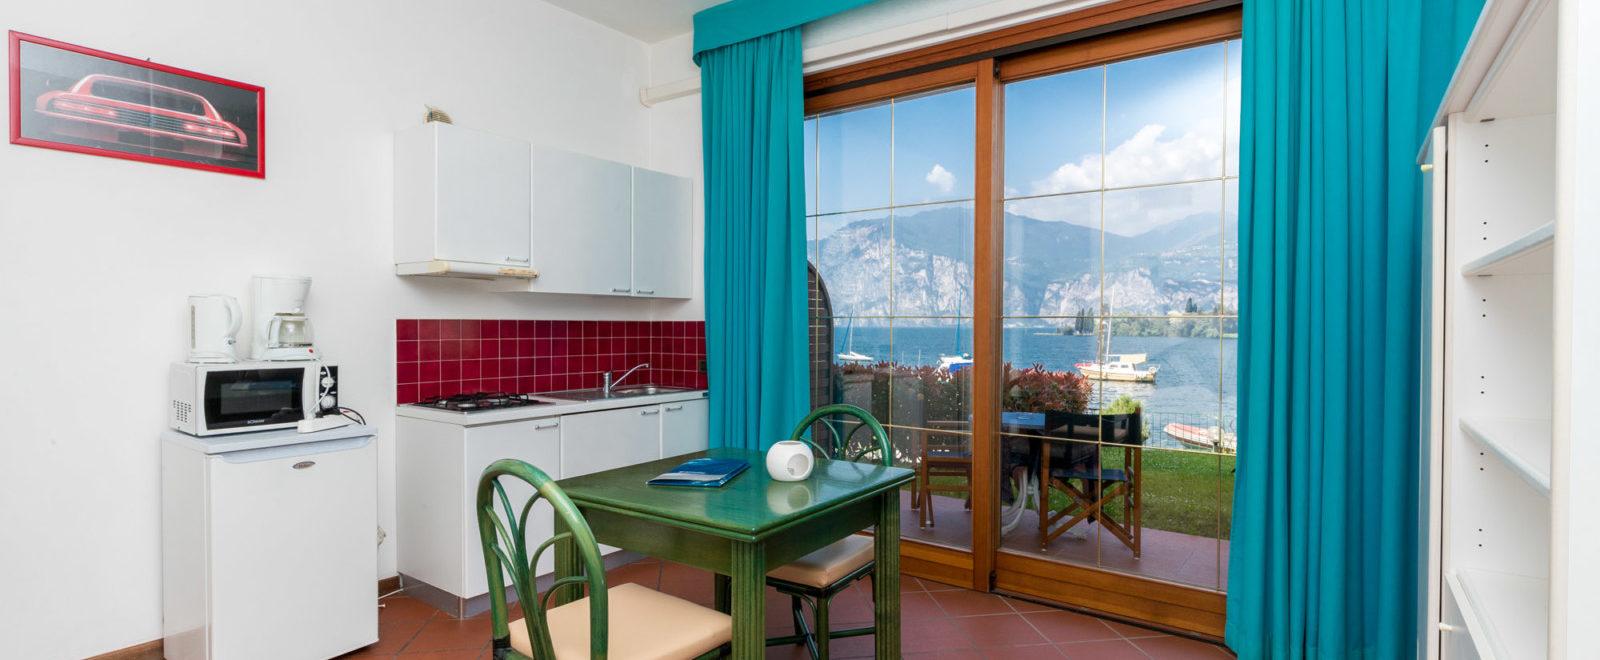 interno appartamento monolocale